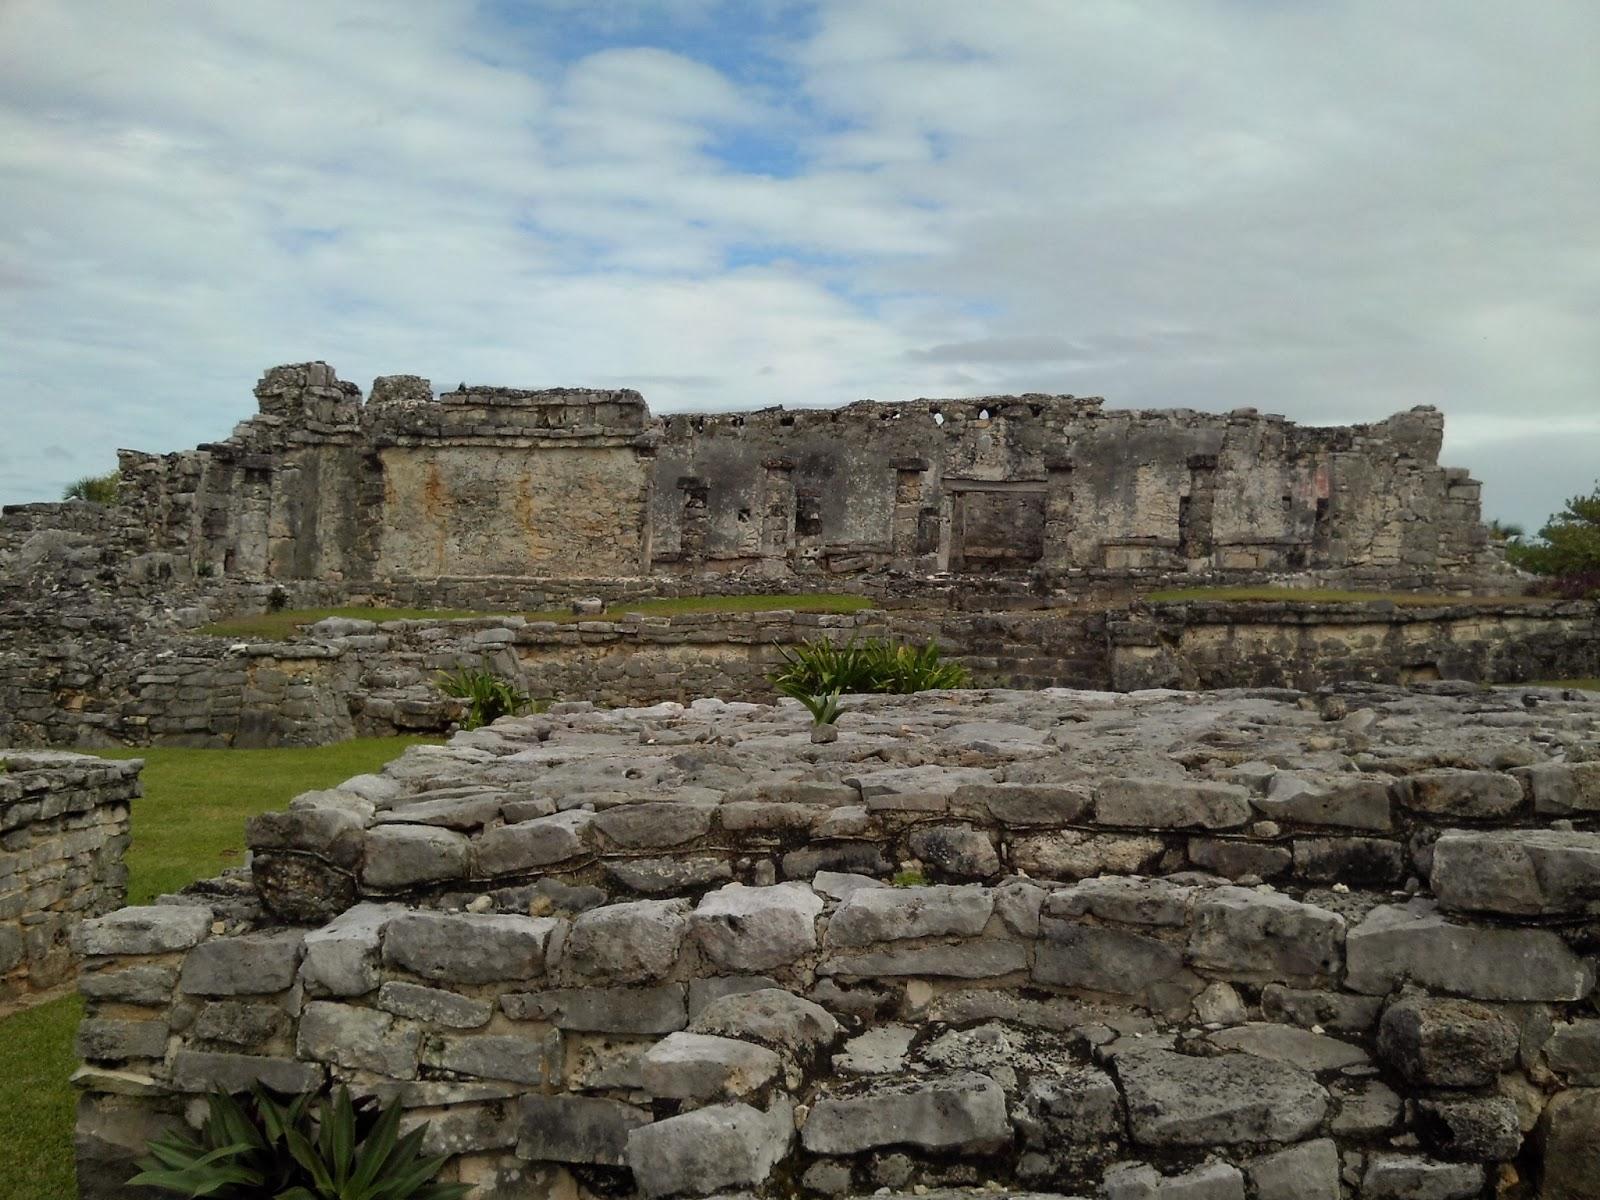 run, gloria, run!: the Mayan ruins of Tulum